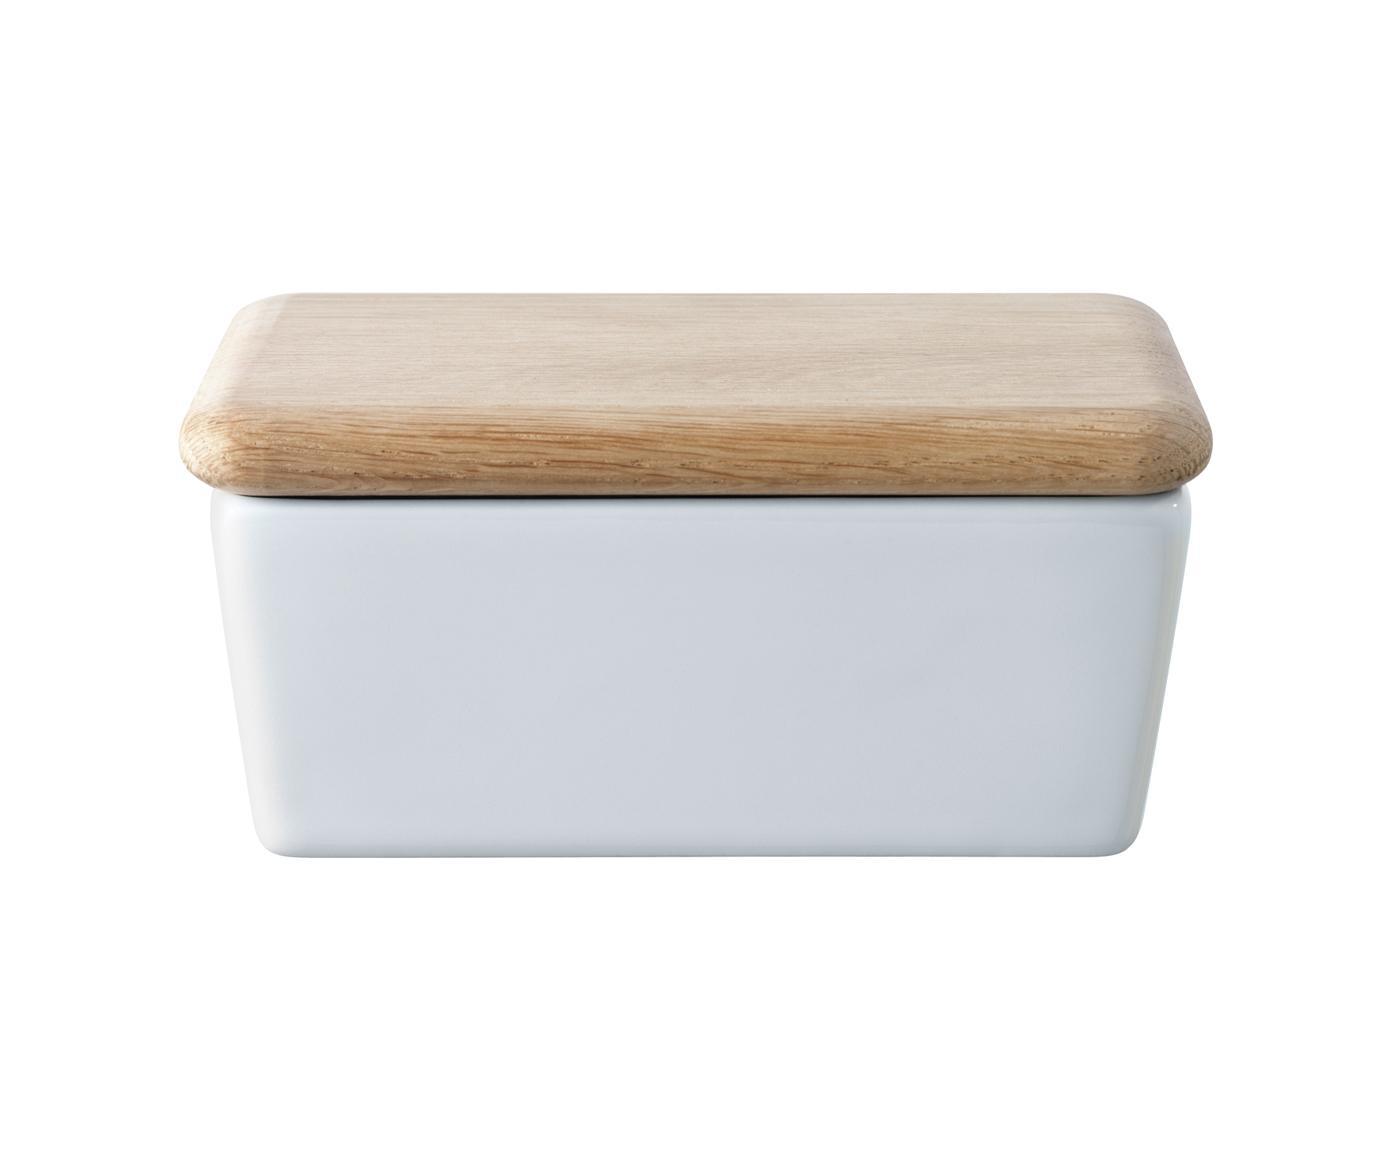 Maselniczka Dine, Biały, drewno dębowe, S 14 x W 7 x G 10 cm